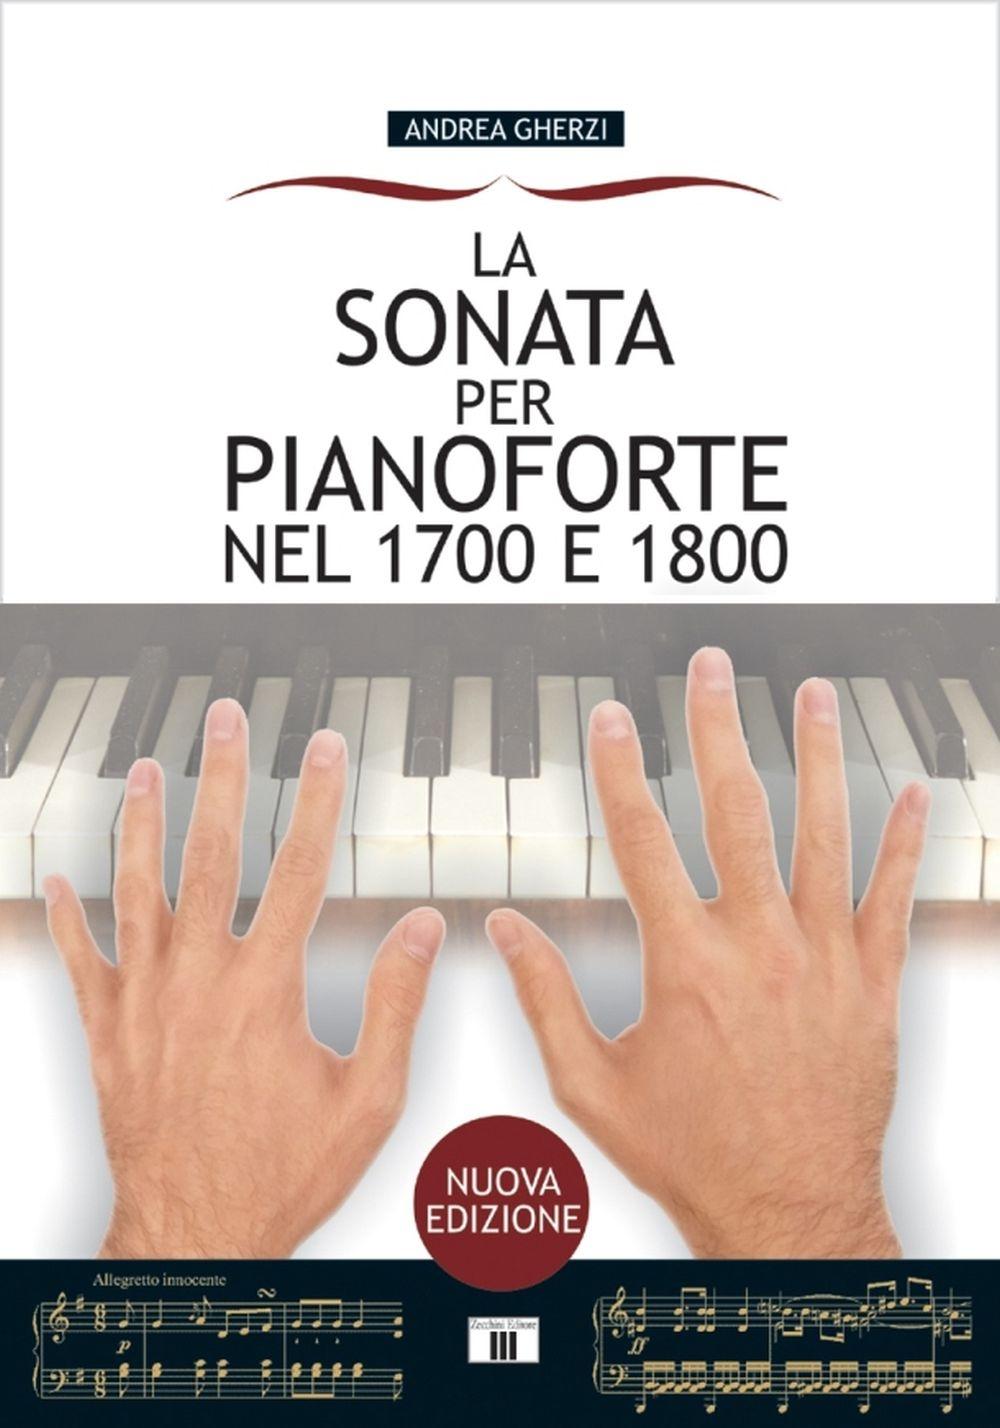 Andrea Gherzi: La Sonata per pianoforte nel 1700 e 1800: Reference